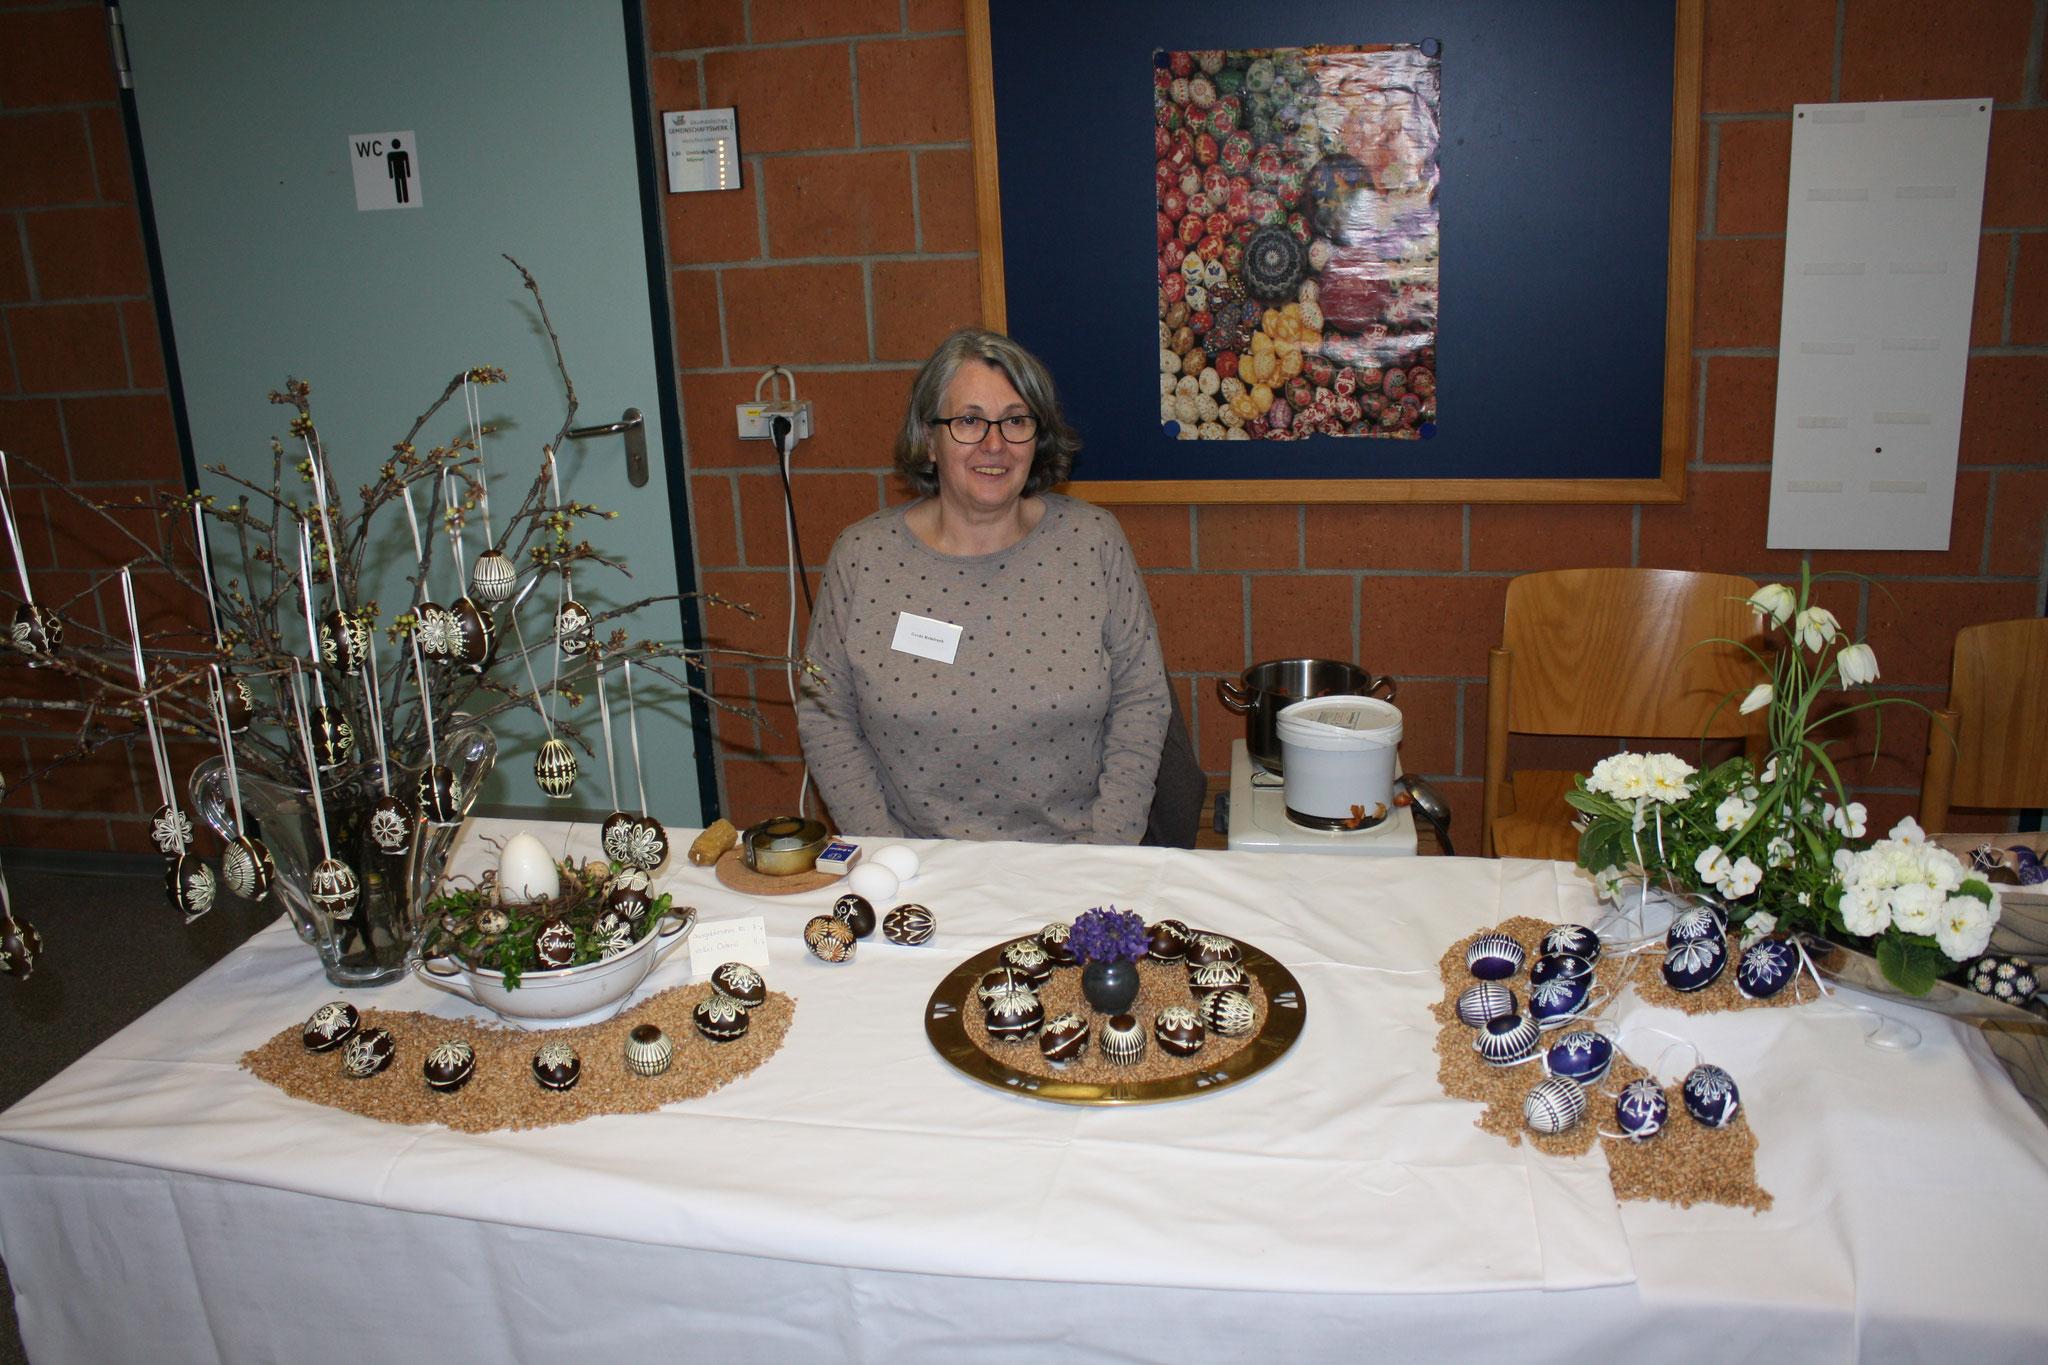 Frau Rheinfrank eine alte Tradition mit Zwiebelschalen und einen rostigen Nagel gefärbte Eier